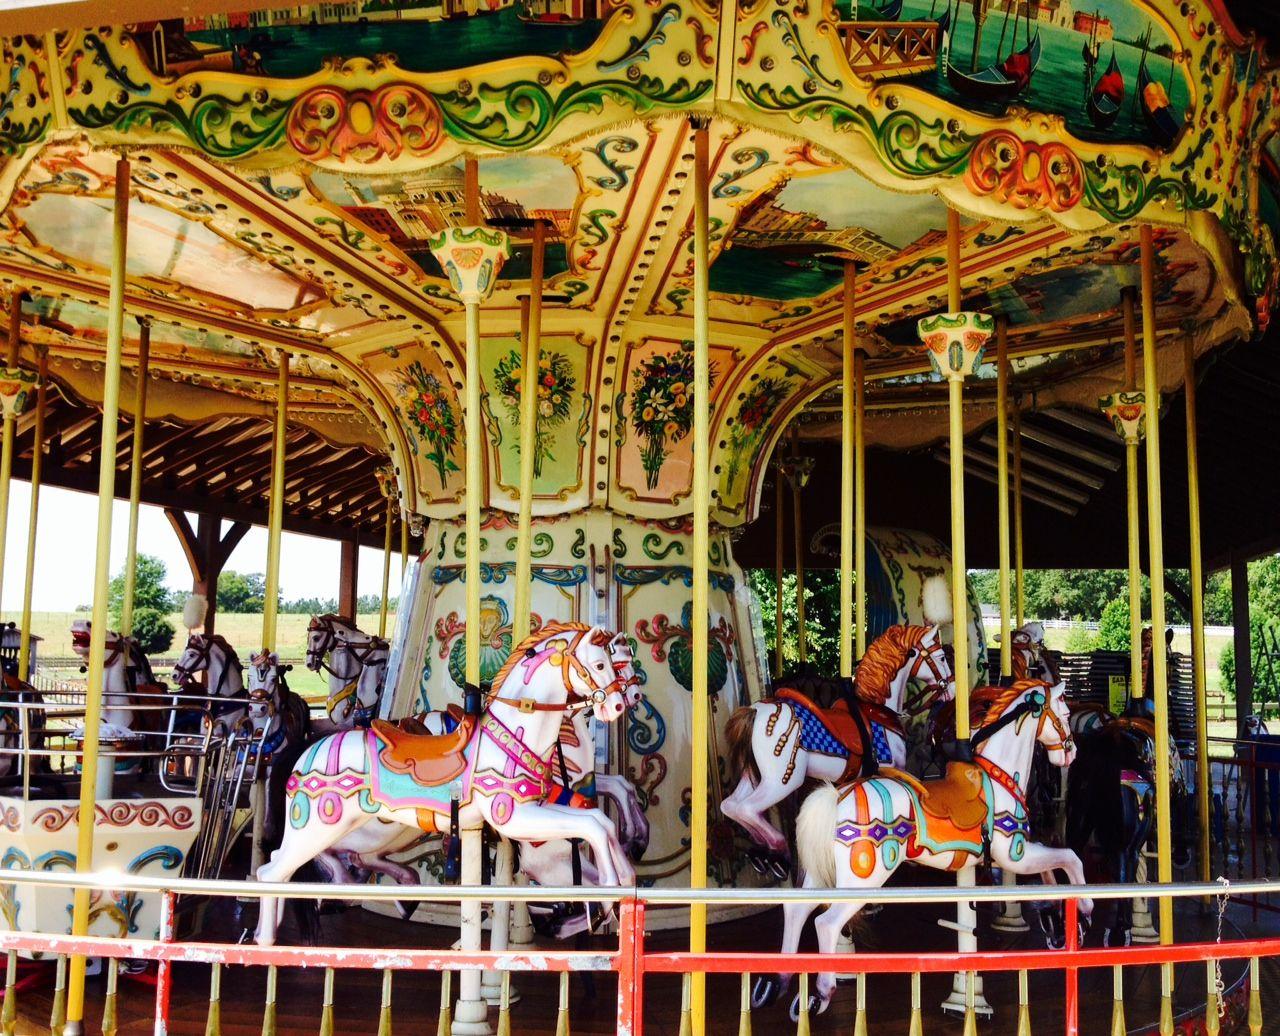 Carousel at the Rock Georgia